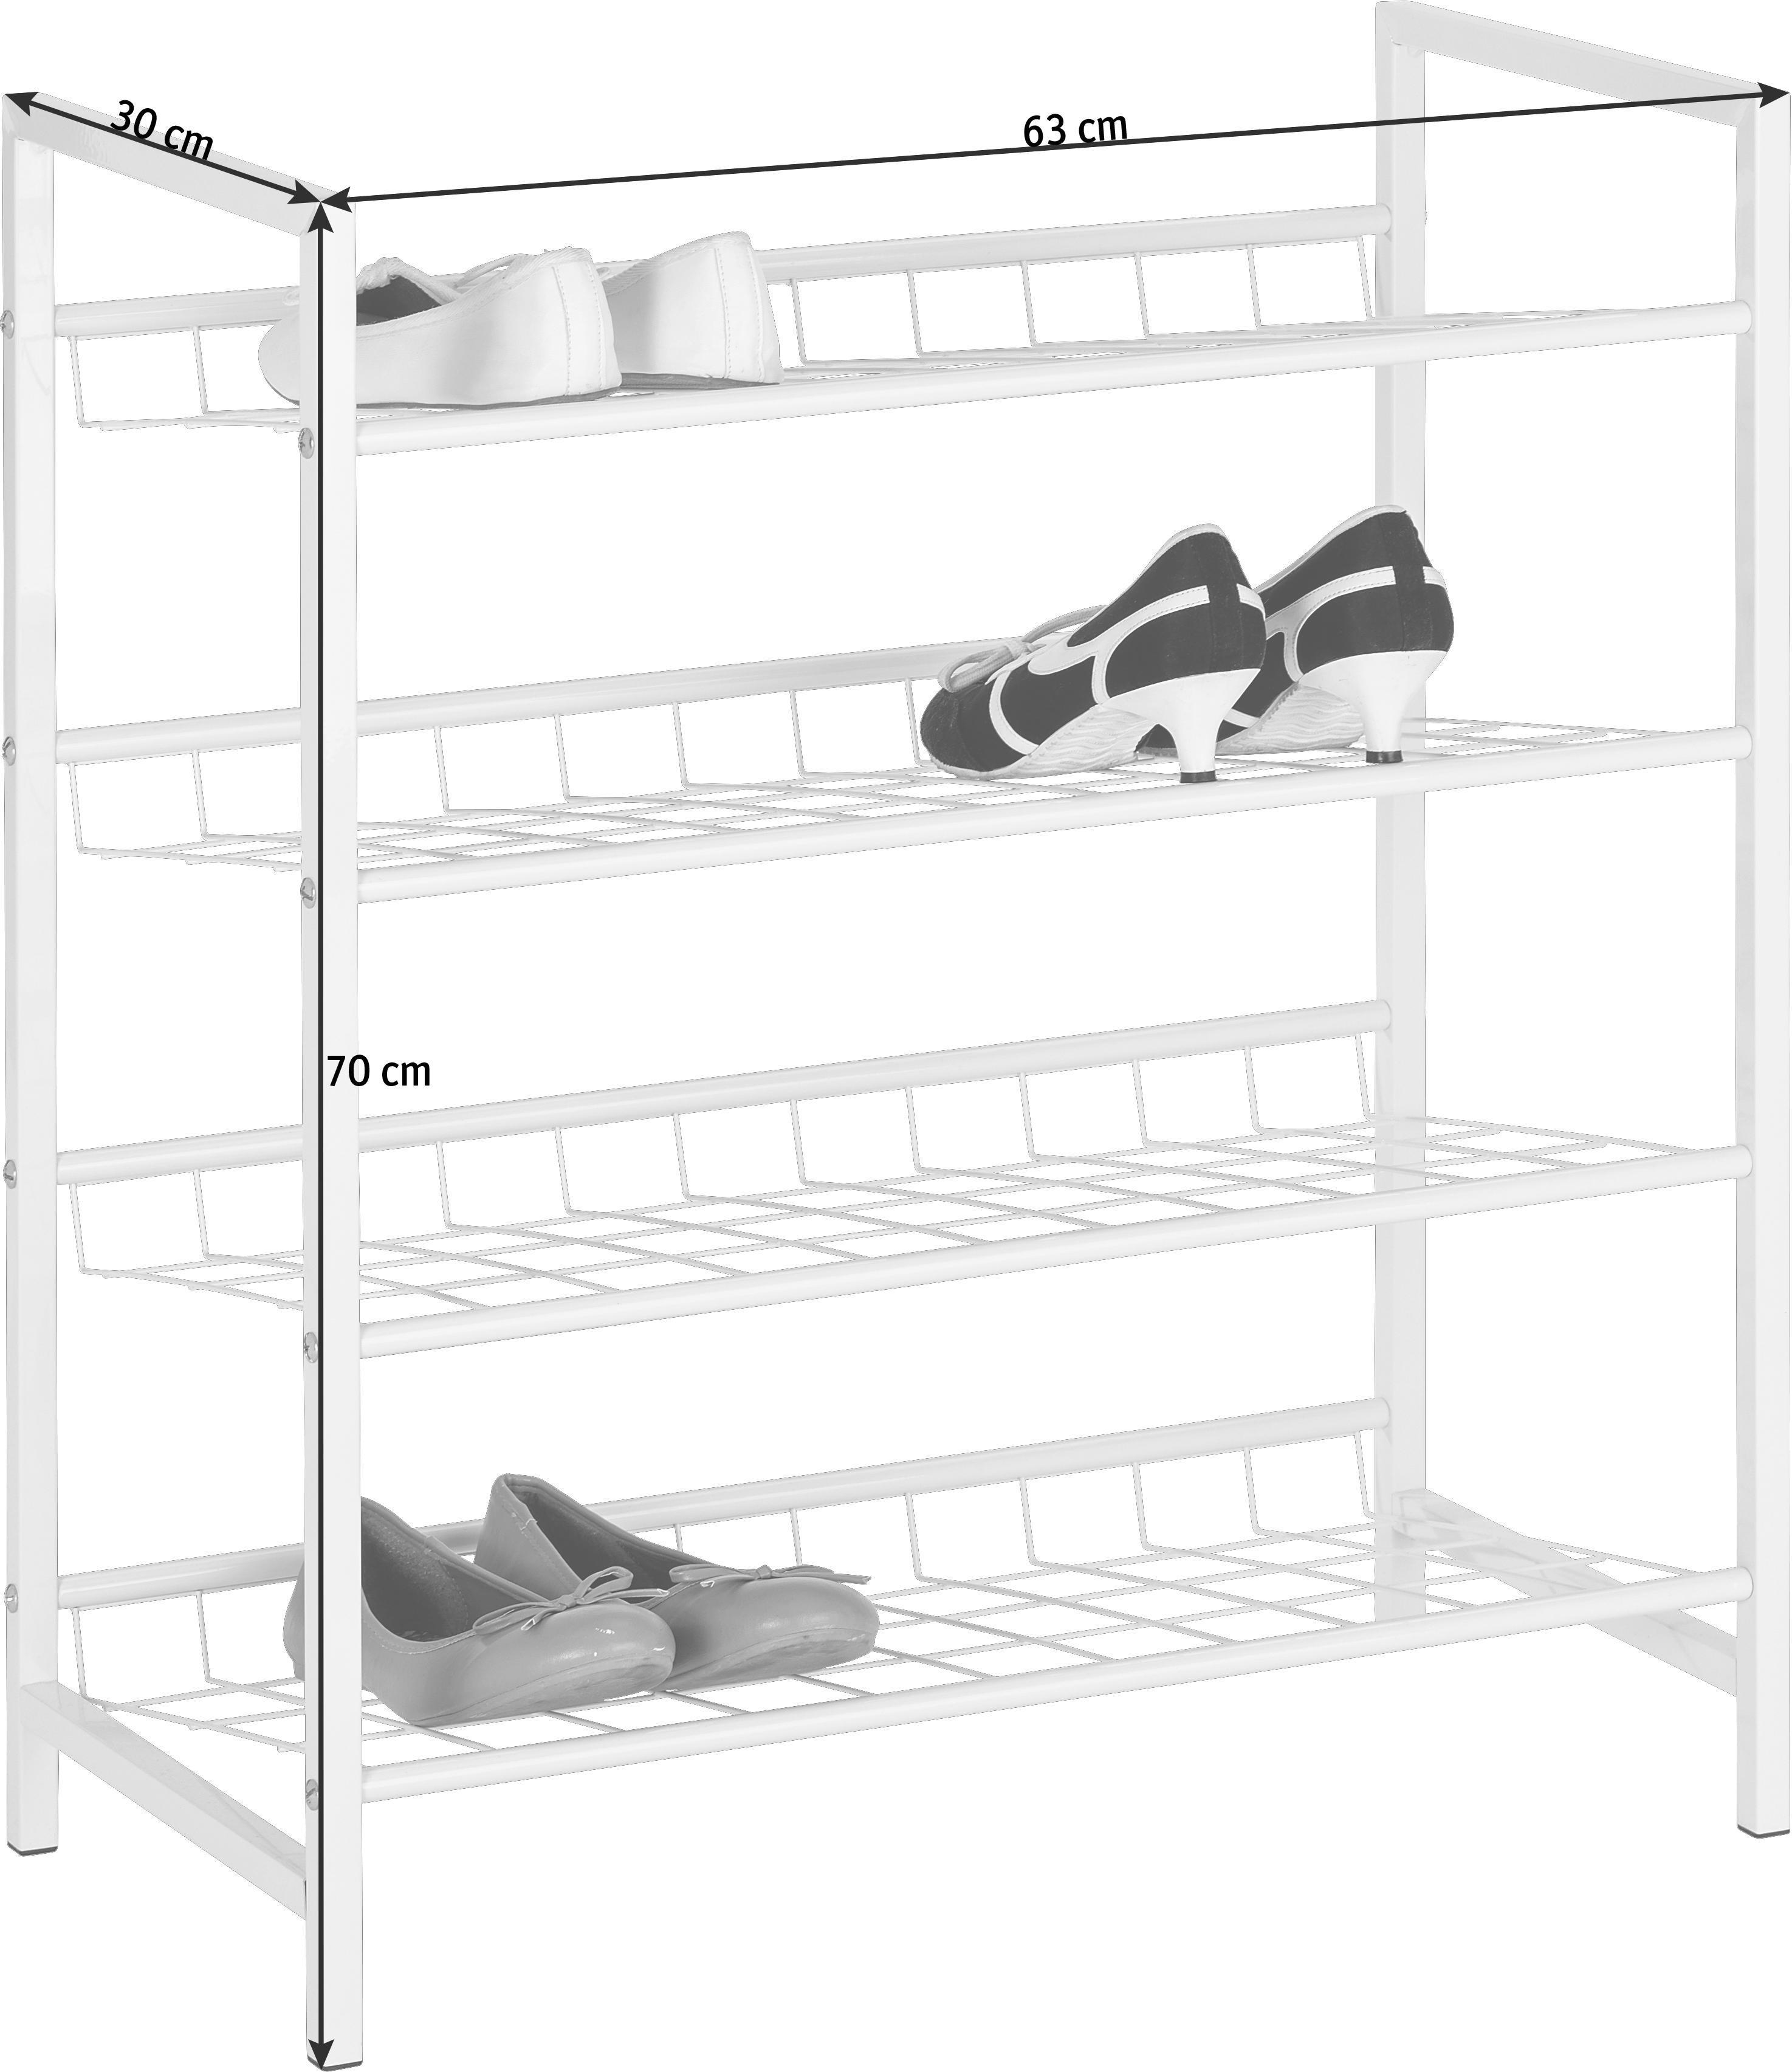 Großartig Schuhschrank 30 Cm Tief Galerie Von